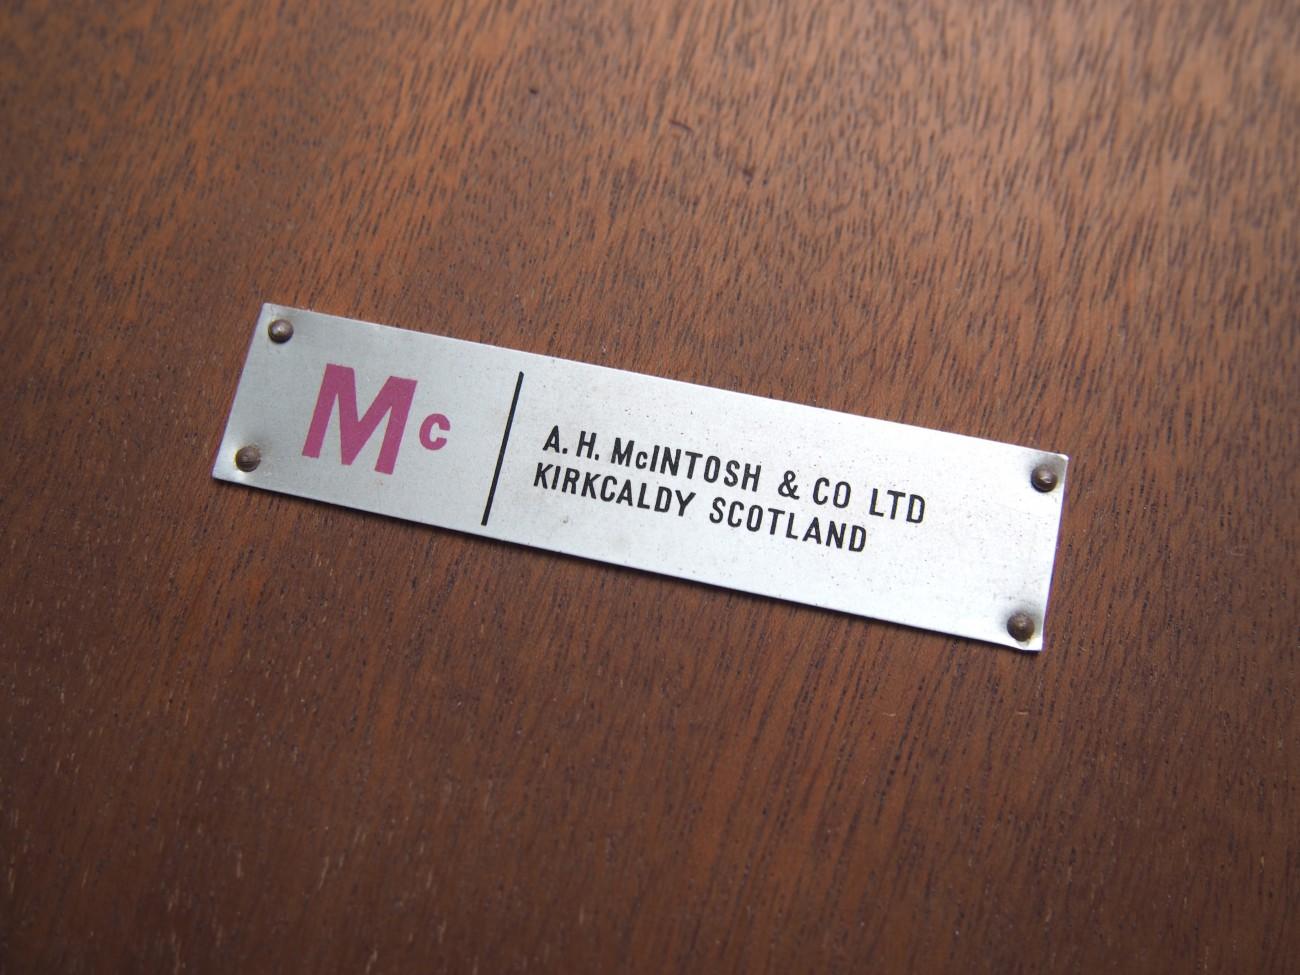 エクステンションダイニングテーブル A.H.McINTOSH(マッキントッシュ) & CO LTD KIRKCALDY SCOTLANDのブランドタグ